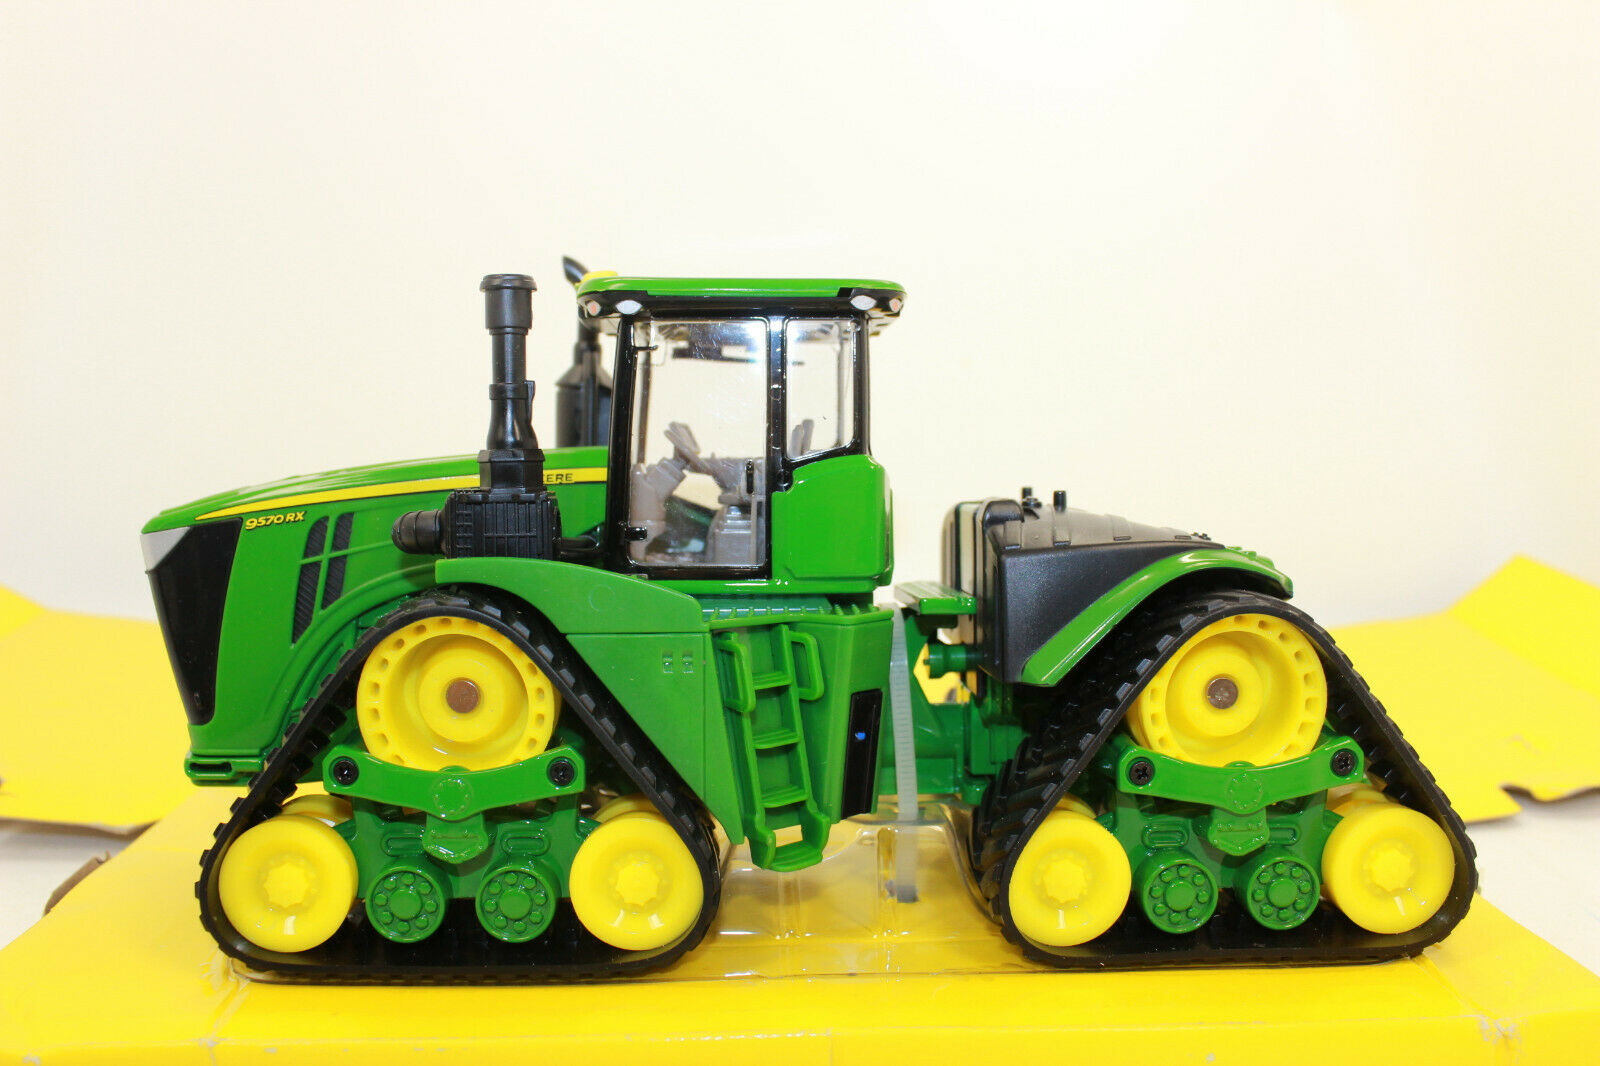 ERTL 45551 John Deere 9570 RX à chenilles tracteur tracteur 1 32 NOUVEAU dans neuf dans sa boîte